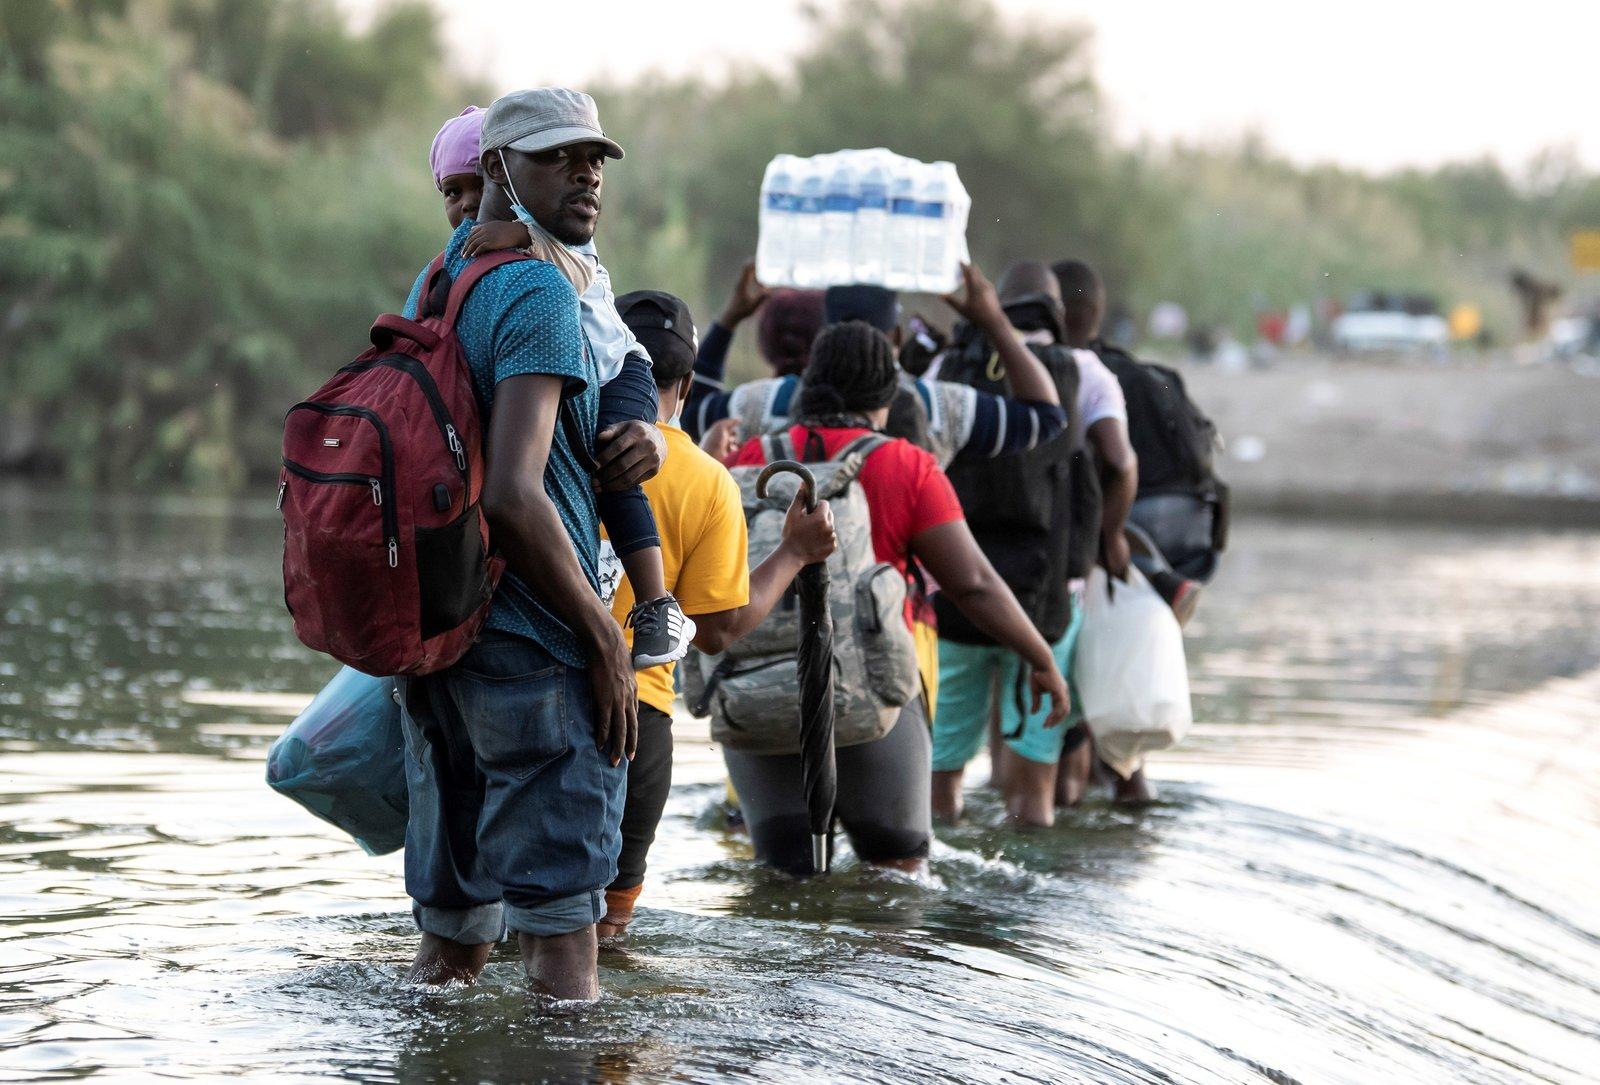 ¿Qué está pasando con los haitianos y cuál es su situación en EU y Coahuila?